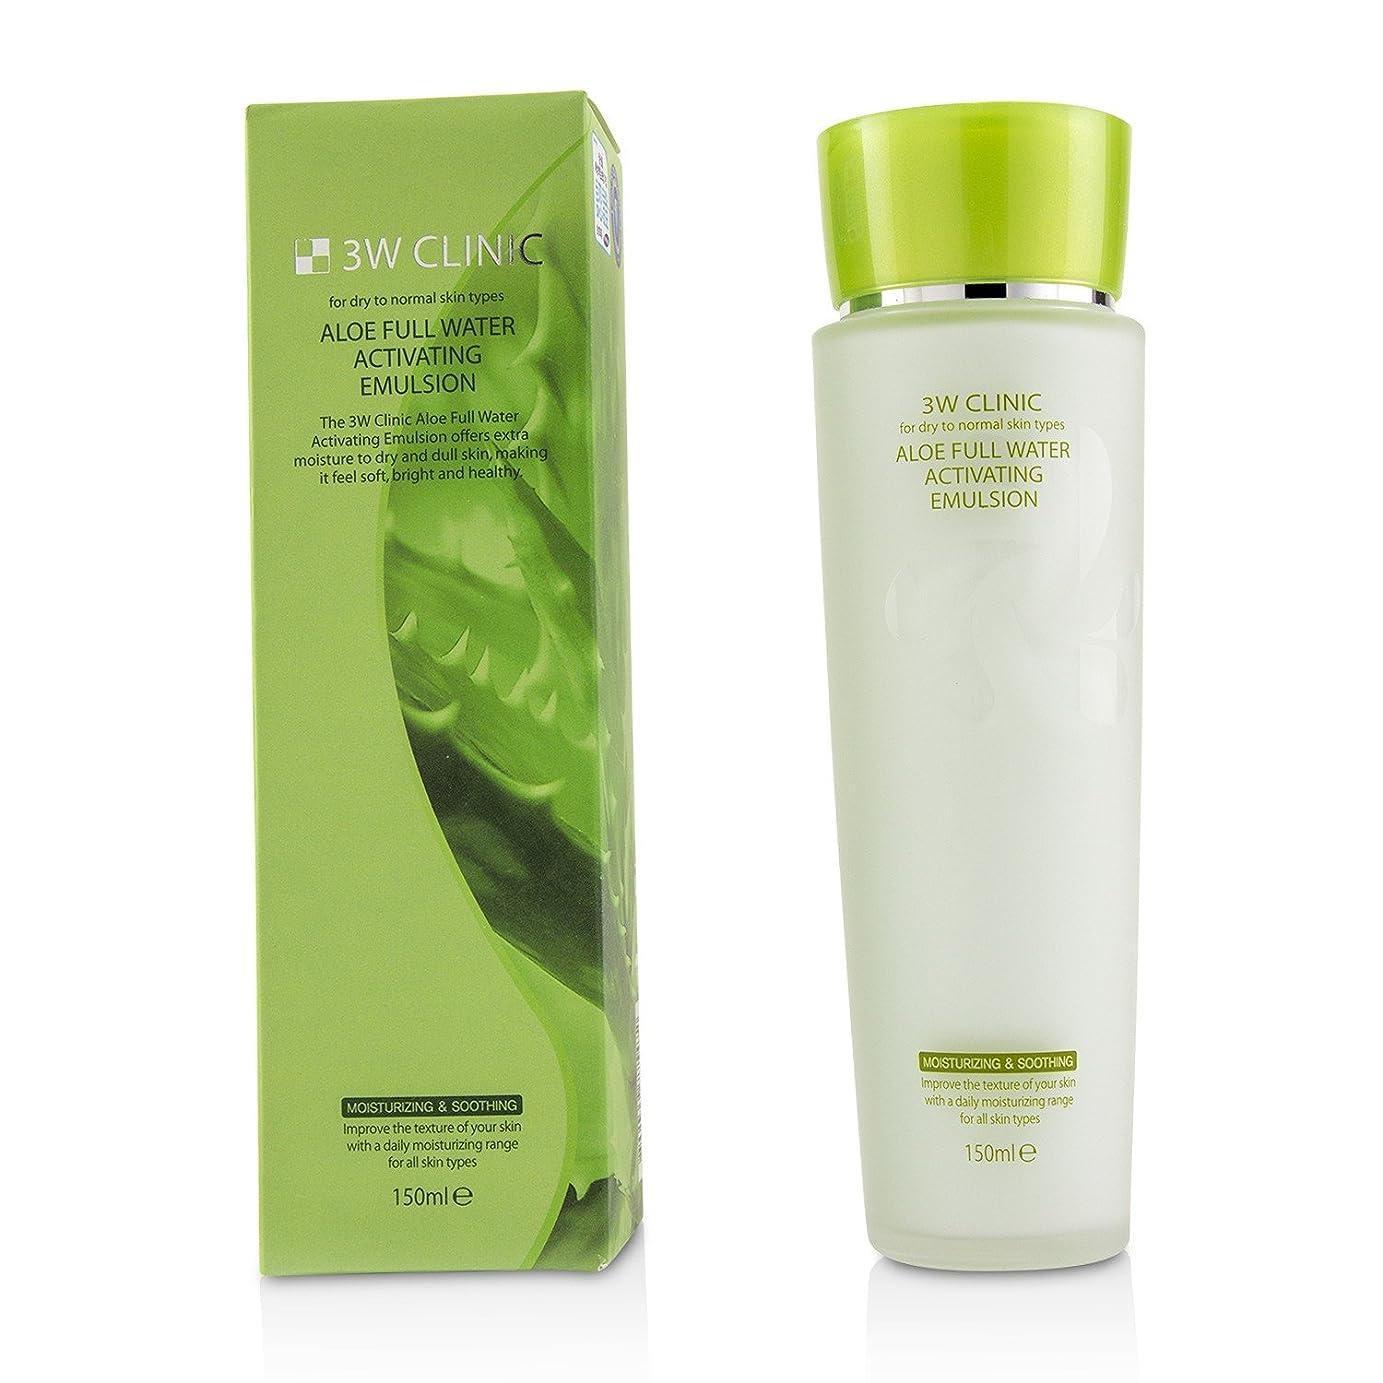 契約した受取人西3Wクリニック Aloe Full Water Activating Emulsion - For Dry to Normal Skin Types 150ml/5oz並行輸入品